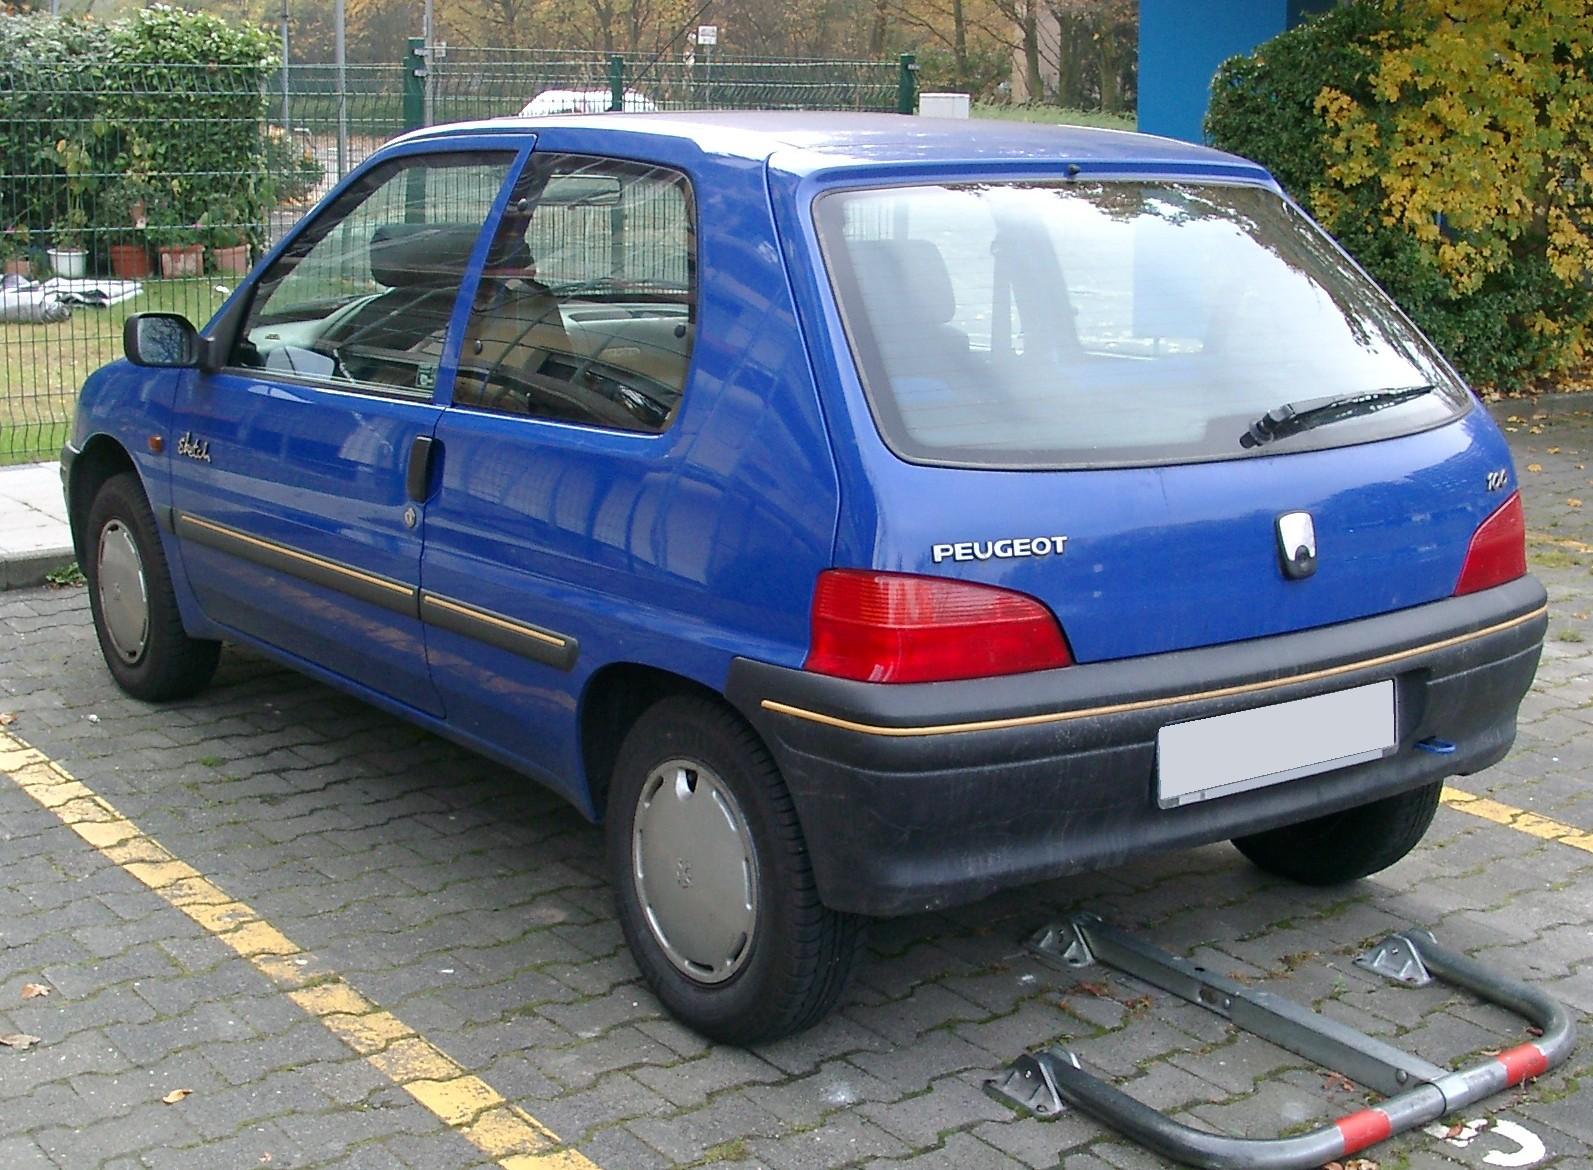 File:Peugeot 106 rear 20071031.jpg - Wikimedia Commons on